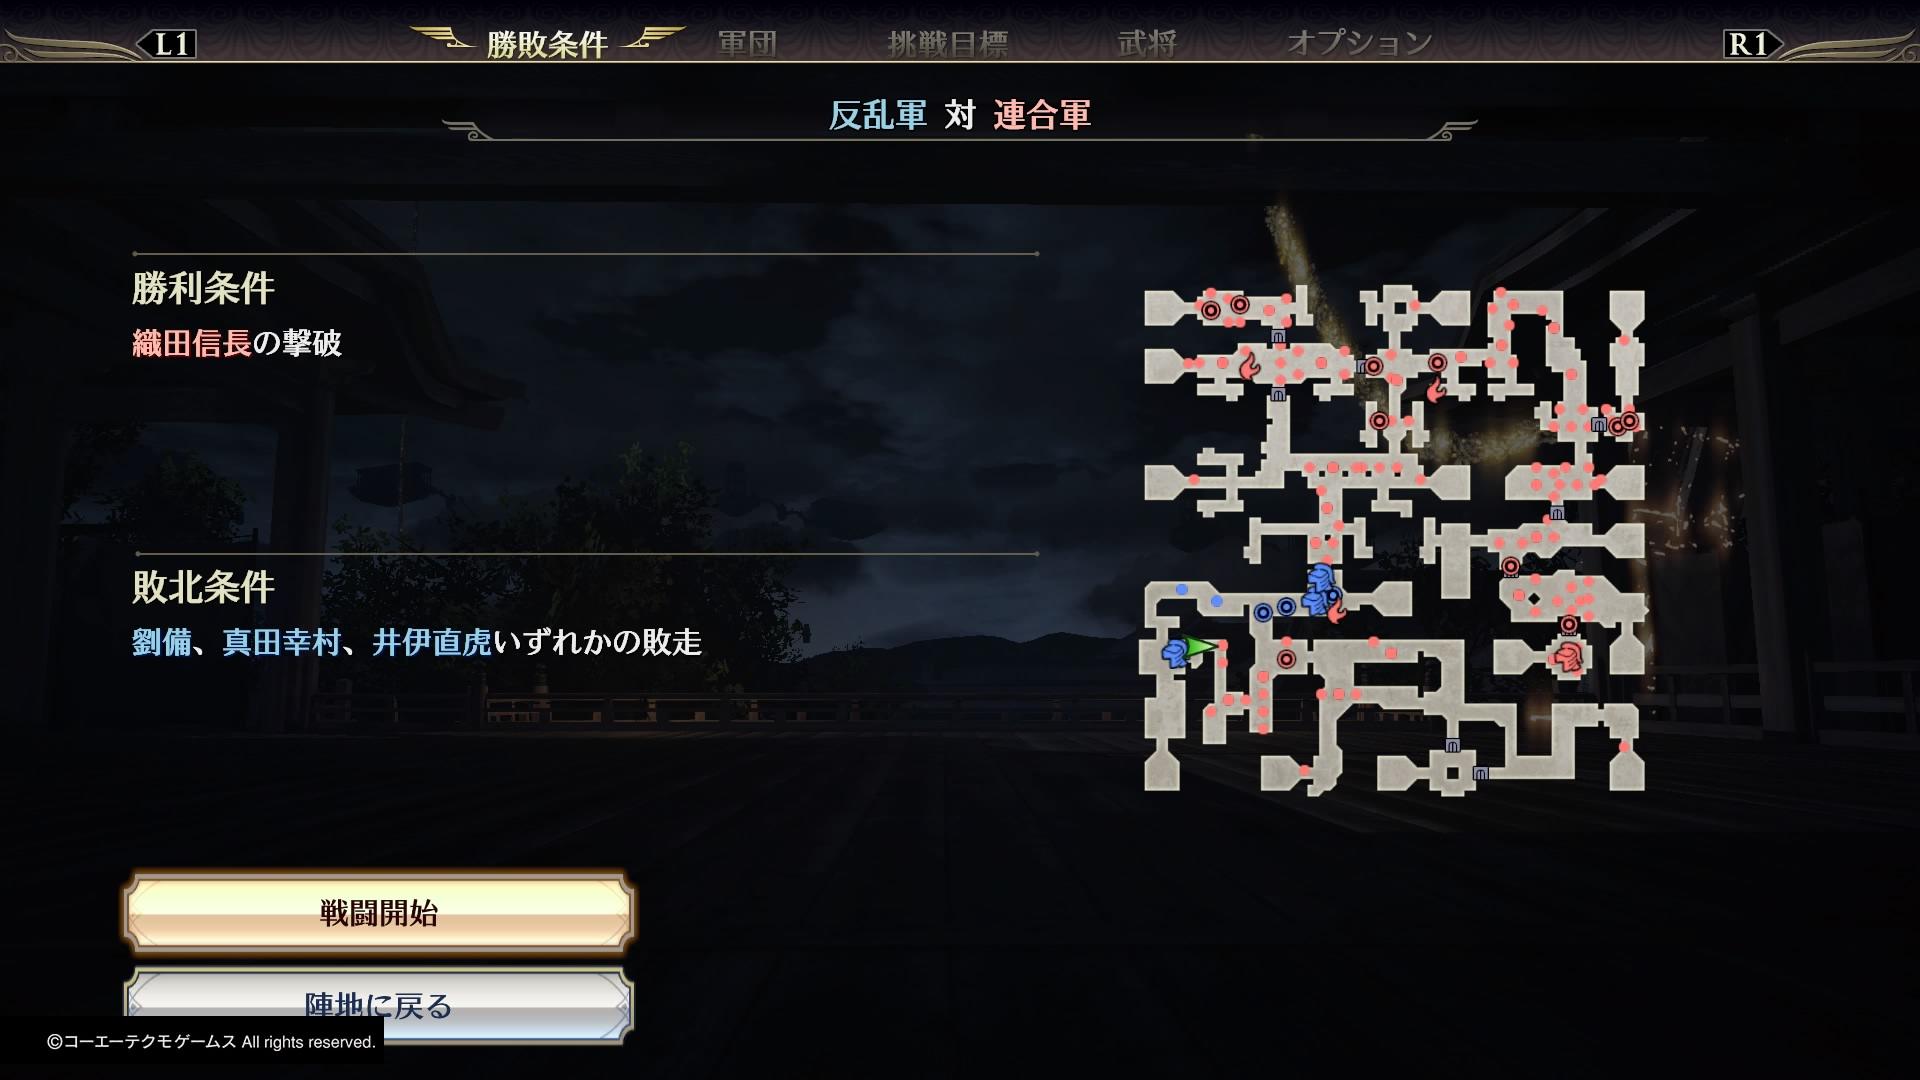 無双オロチ3 ストーリー攻略 第2章 決戦・第六天魔王